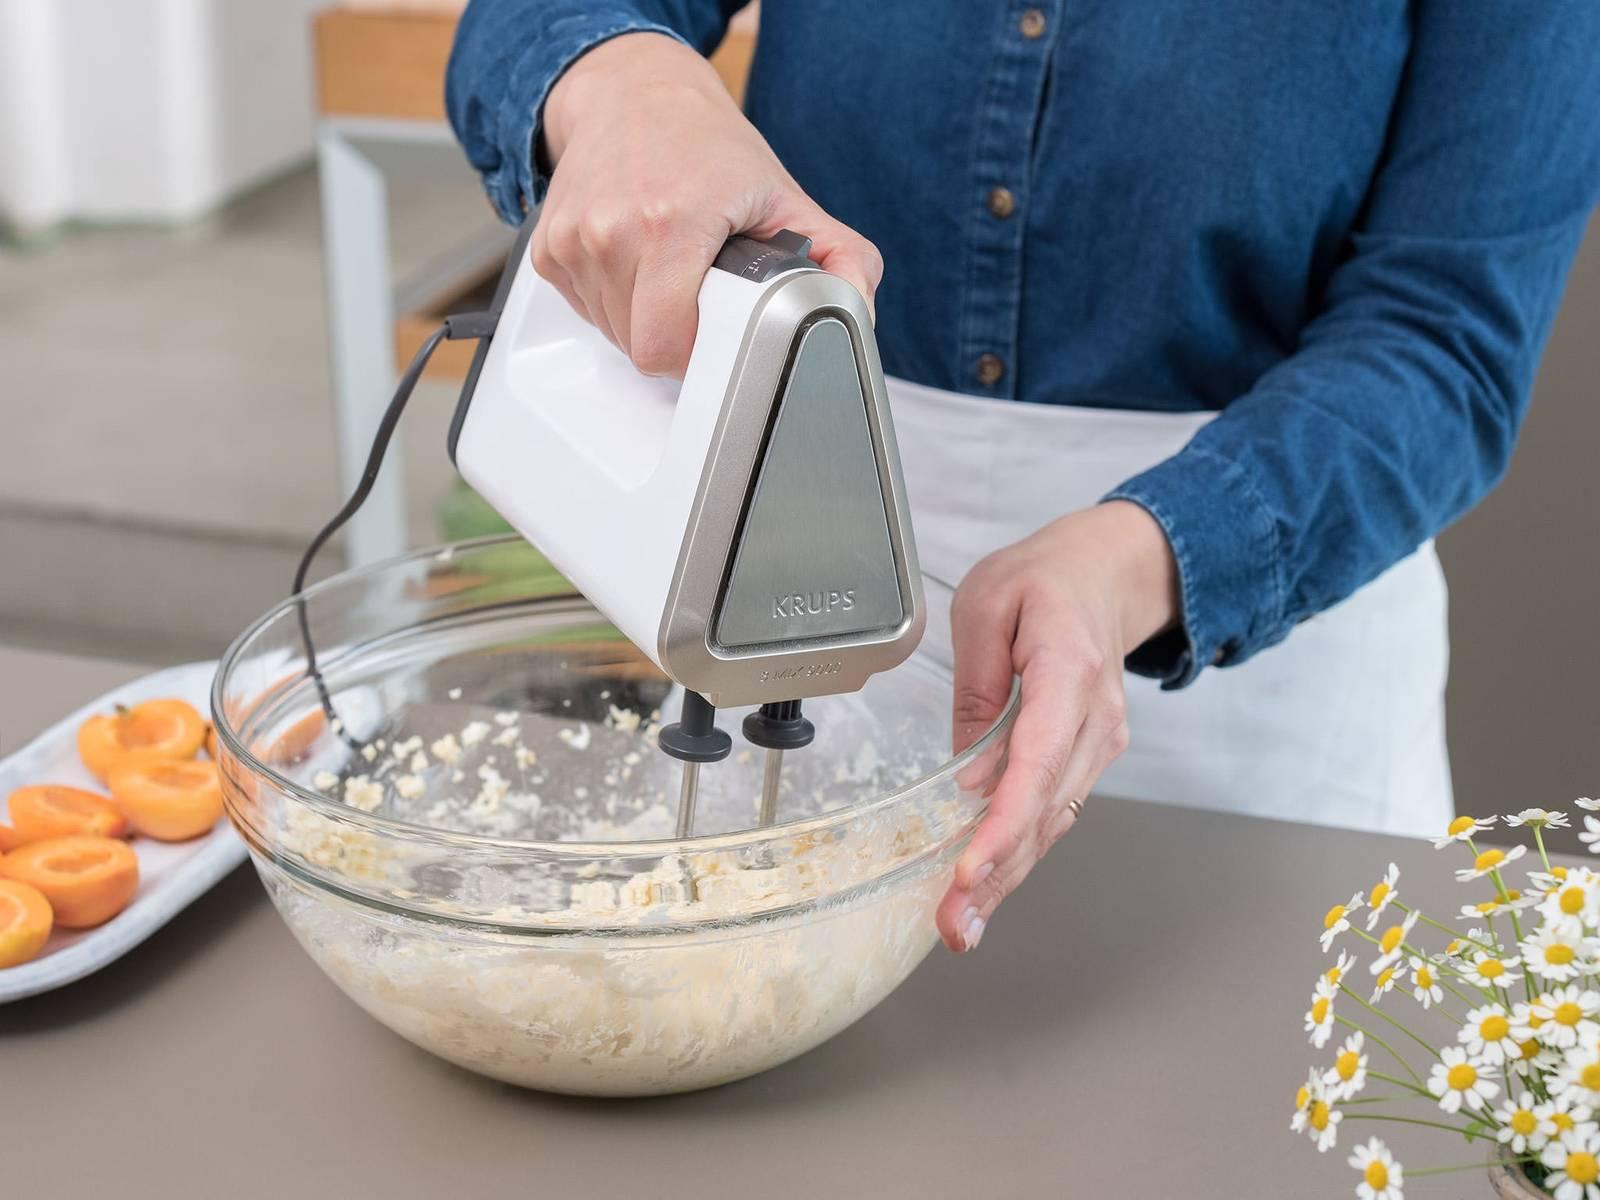 将所有食材搅拌到一起,制成面团,揉至面团不再黏着。如有需要,撒上些面粉。将面团分成8份,揉成球。将面球压平,在每个面饼中间放一个切好的杏子。合上面饼,将杏子包住,再次揉成球。